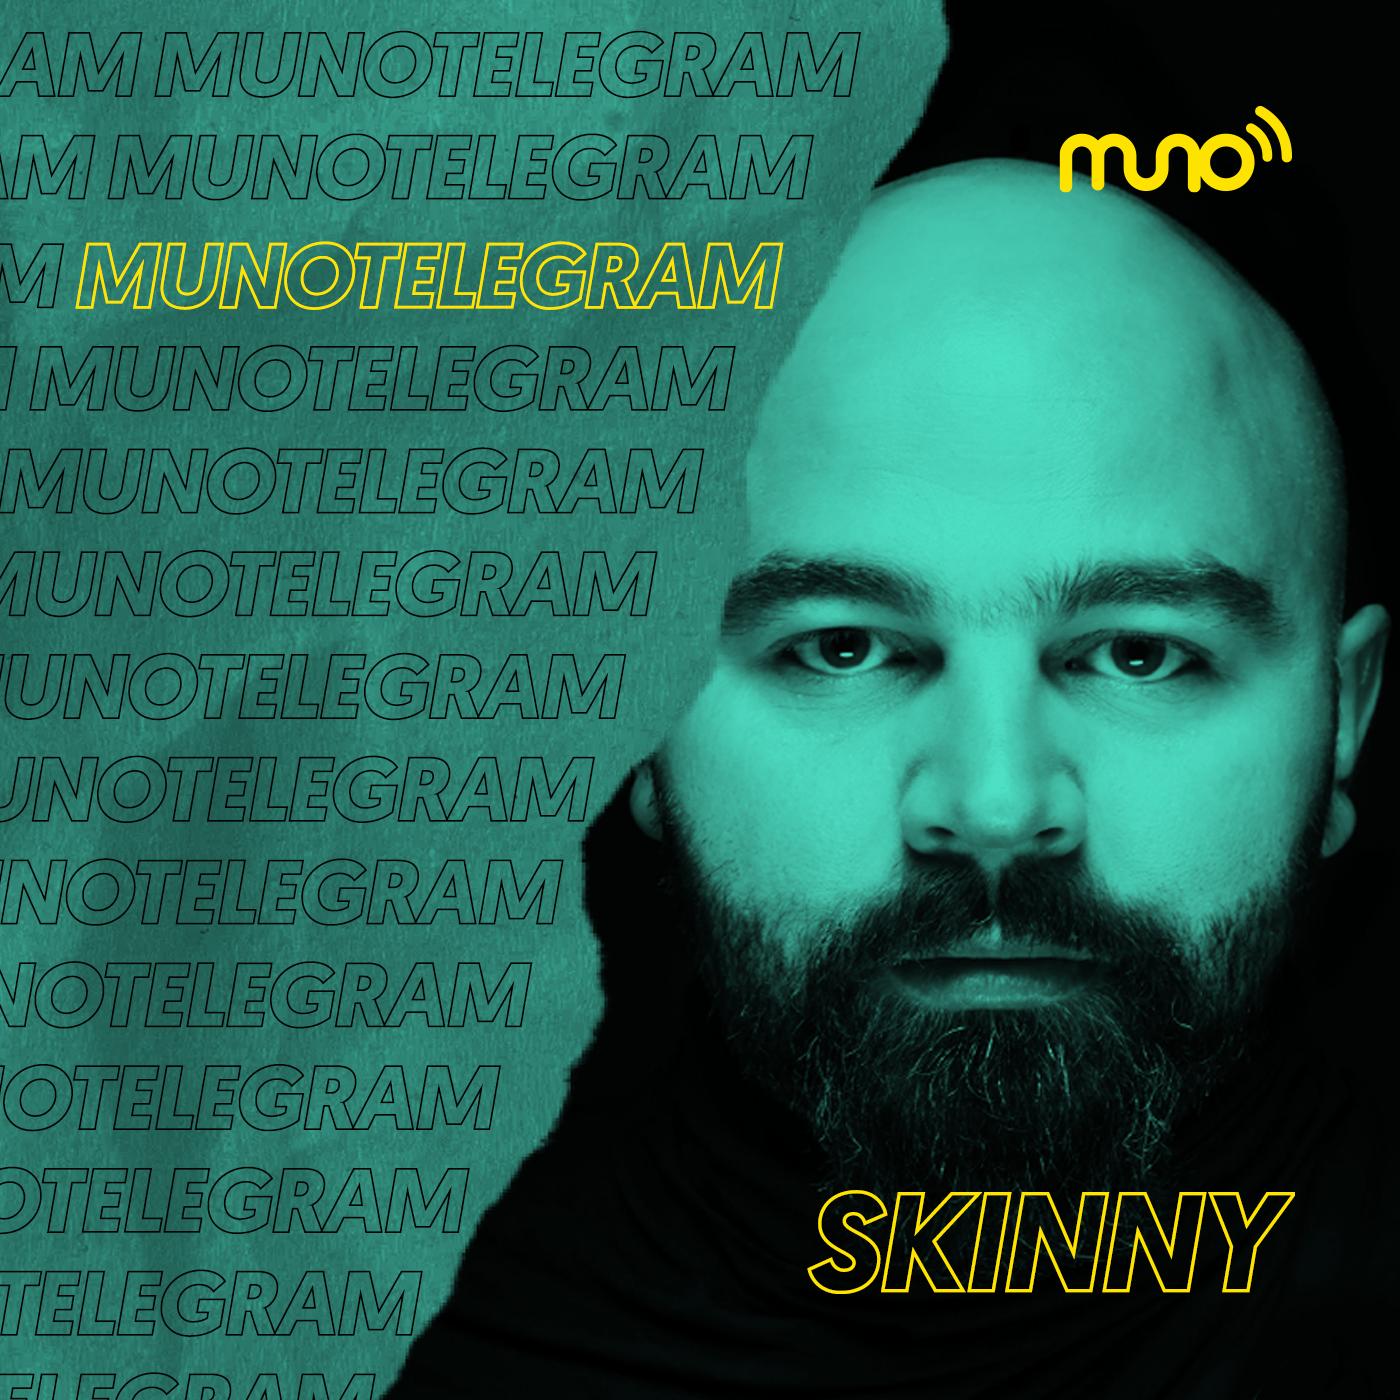 Skinny - MunoTelegram